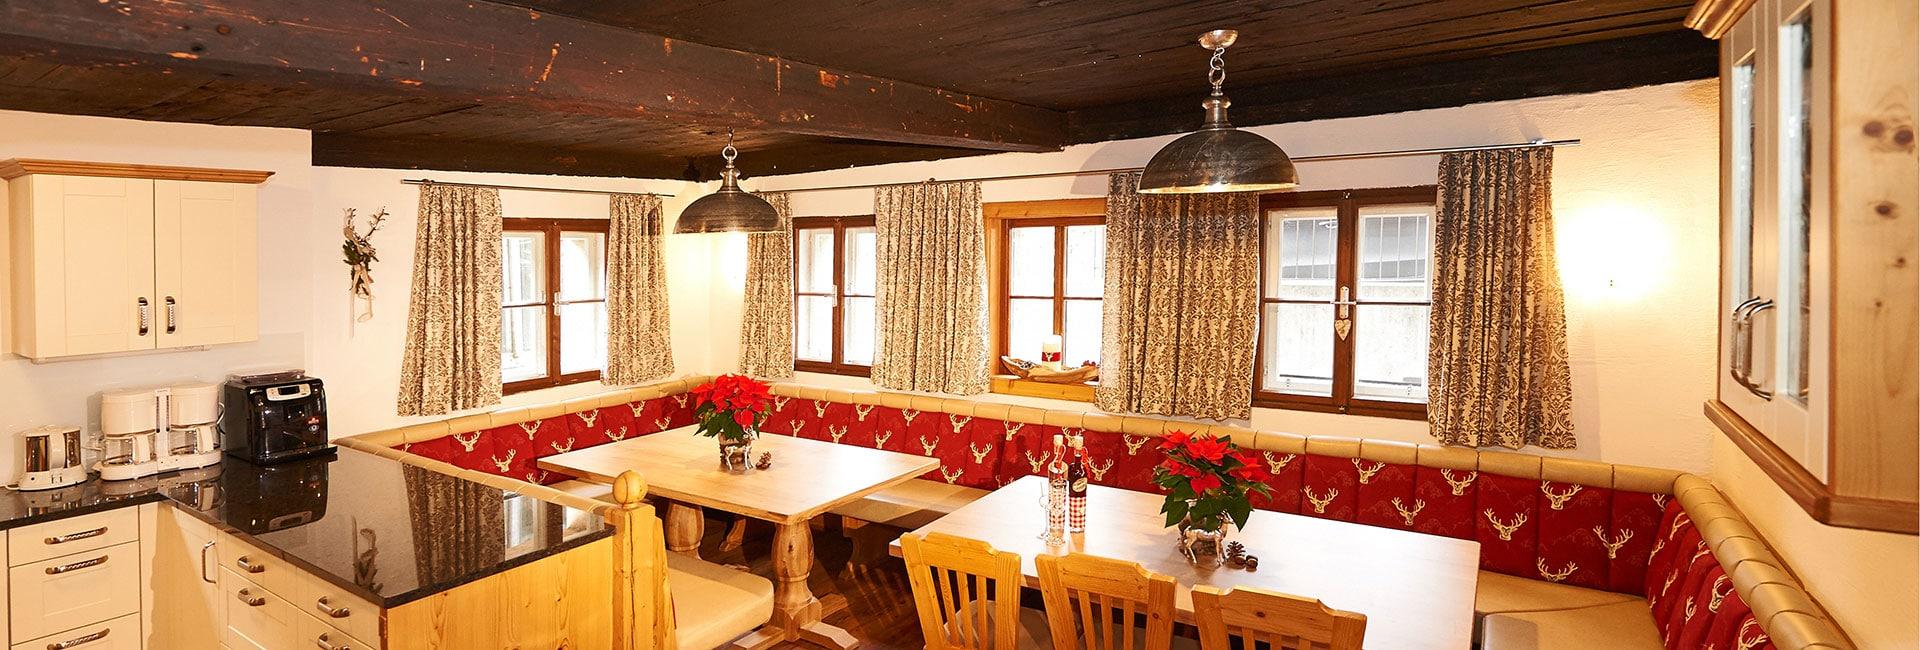 Bewertungen - Bauernhof Blankgut in Wagrain, Urlaub am Bauernhof im Salzburger Land